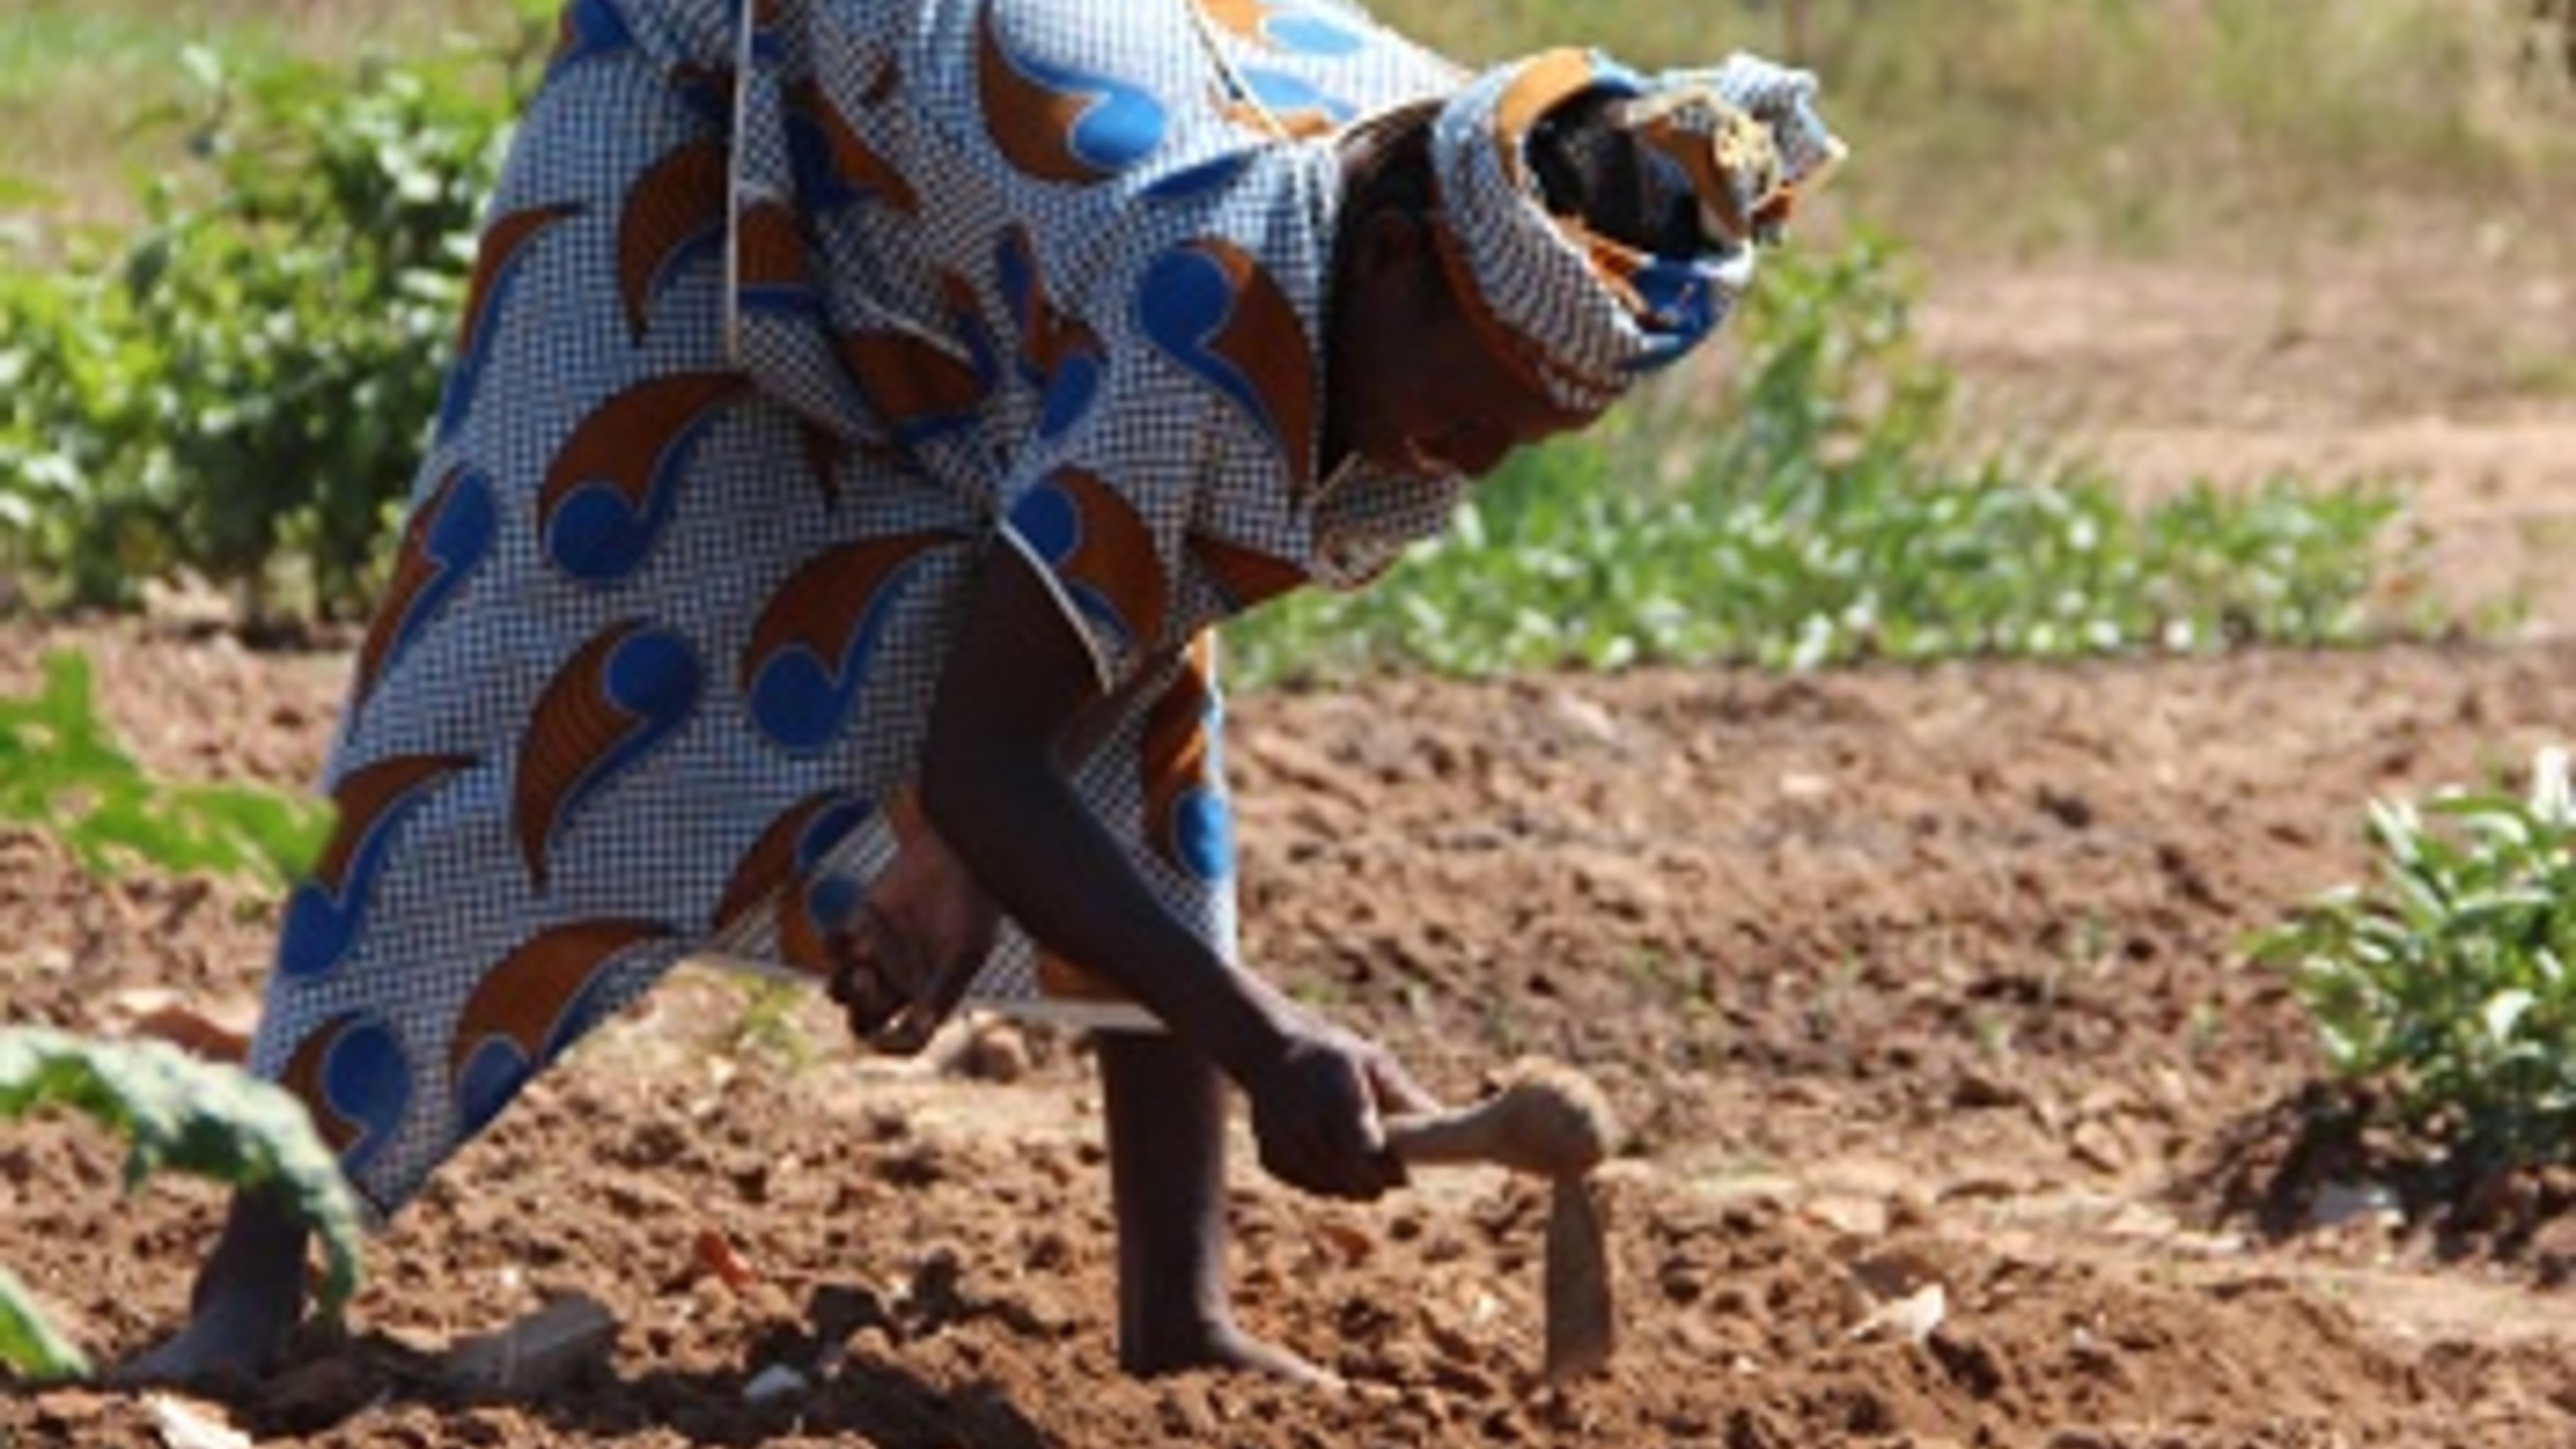 Gartenarbeit ist in Mali Frauensache. ©Svenja Koch/Oxfam